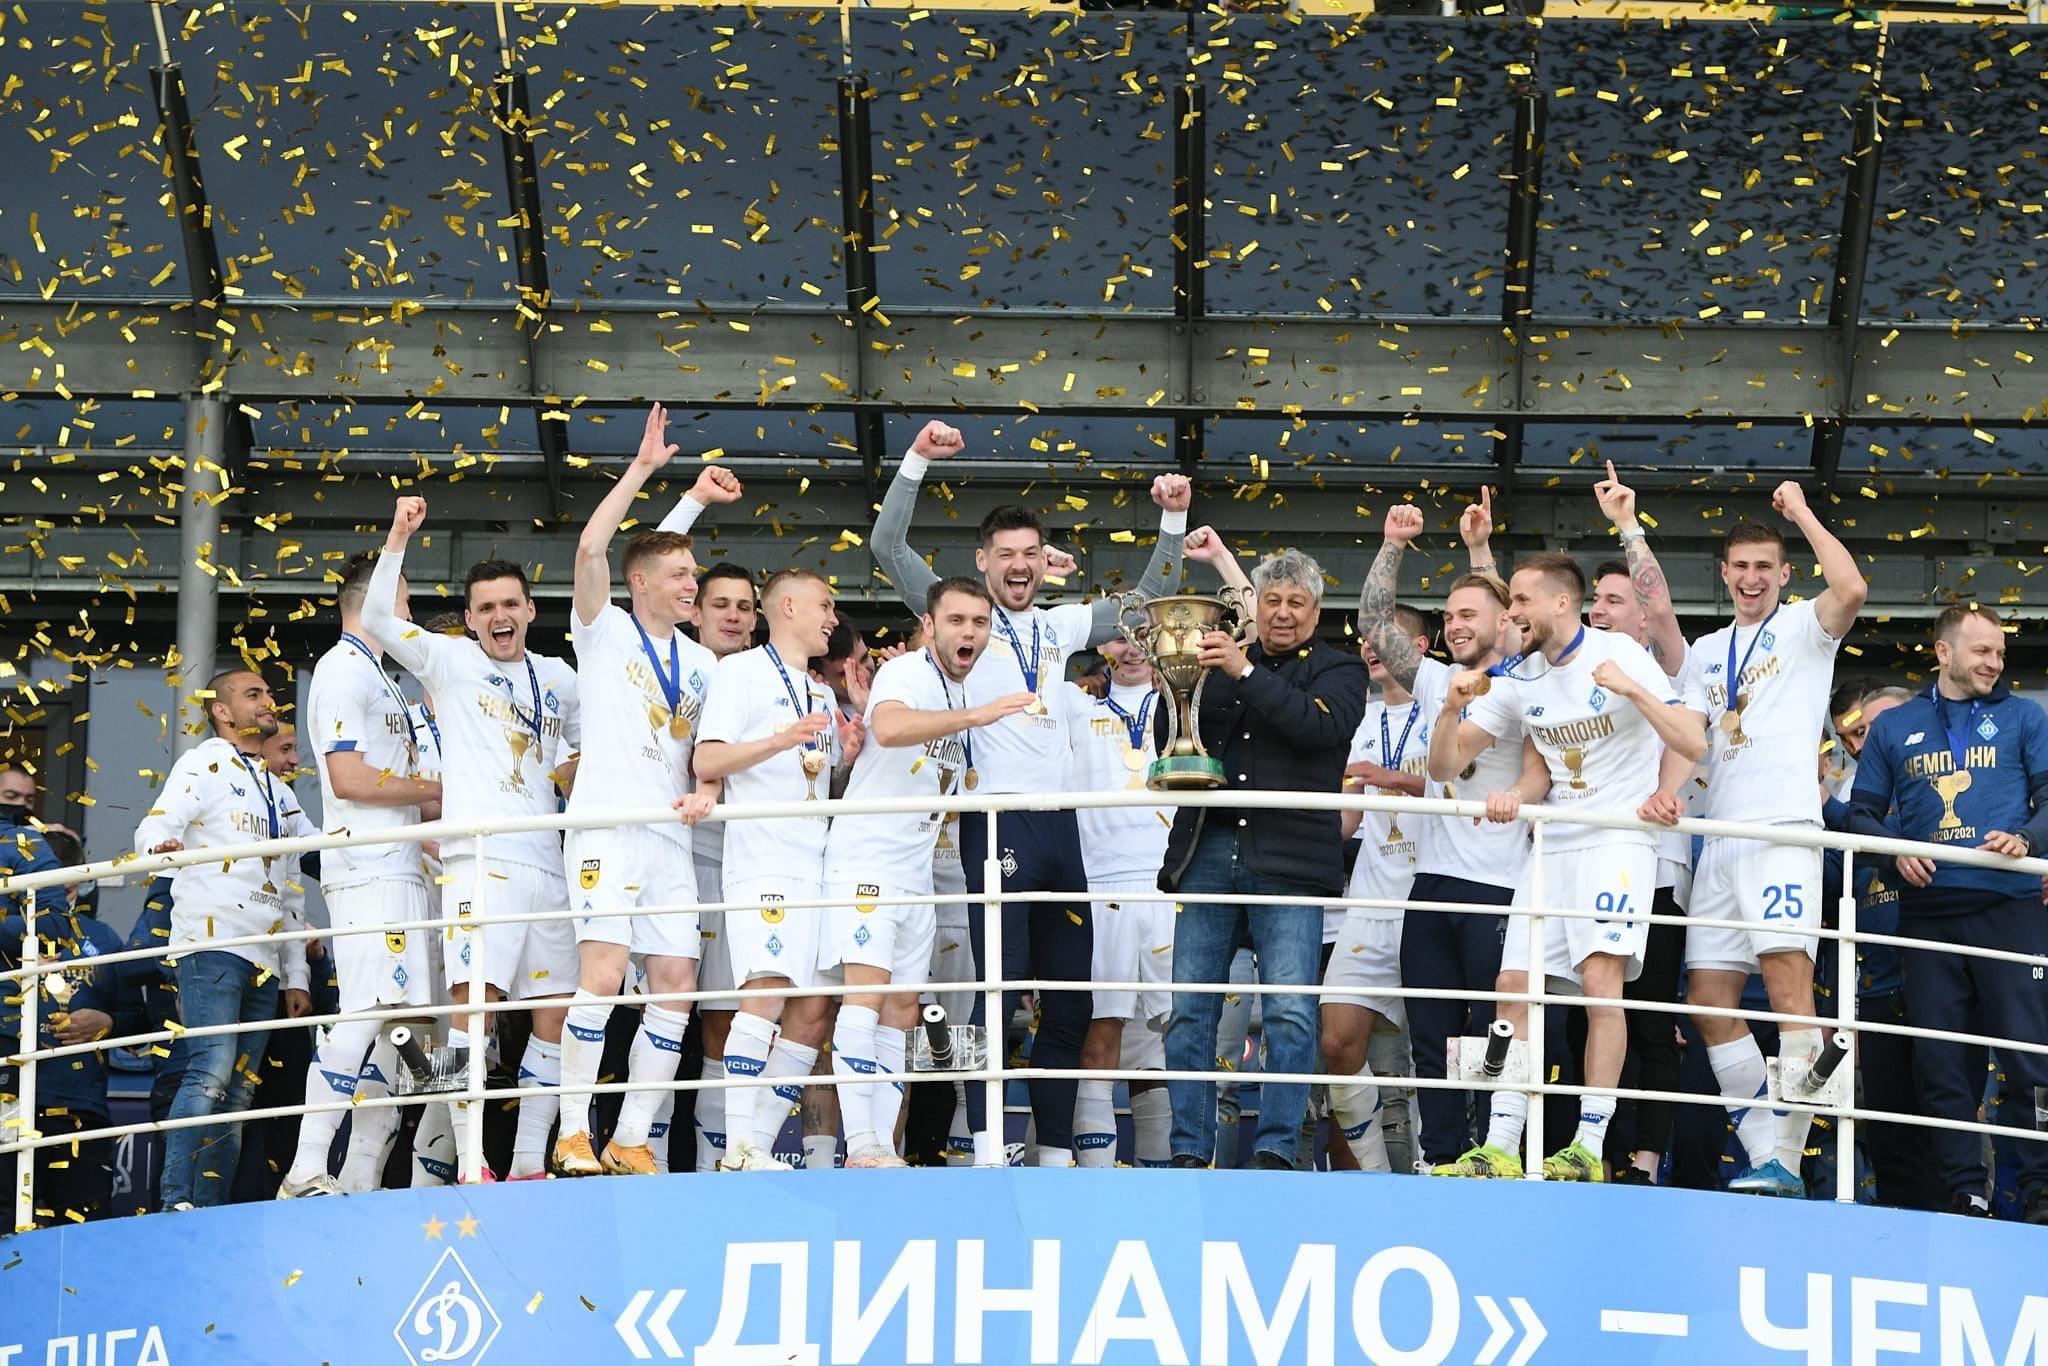 Динамо Киев – чемпион Украины - официальный интернет-магазин Brave GK